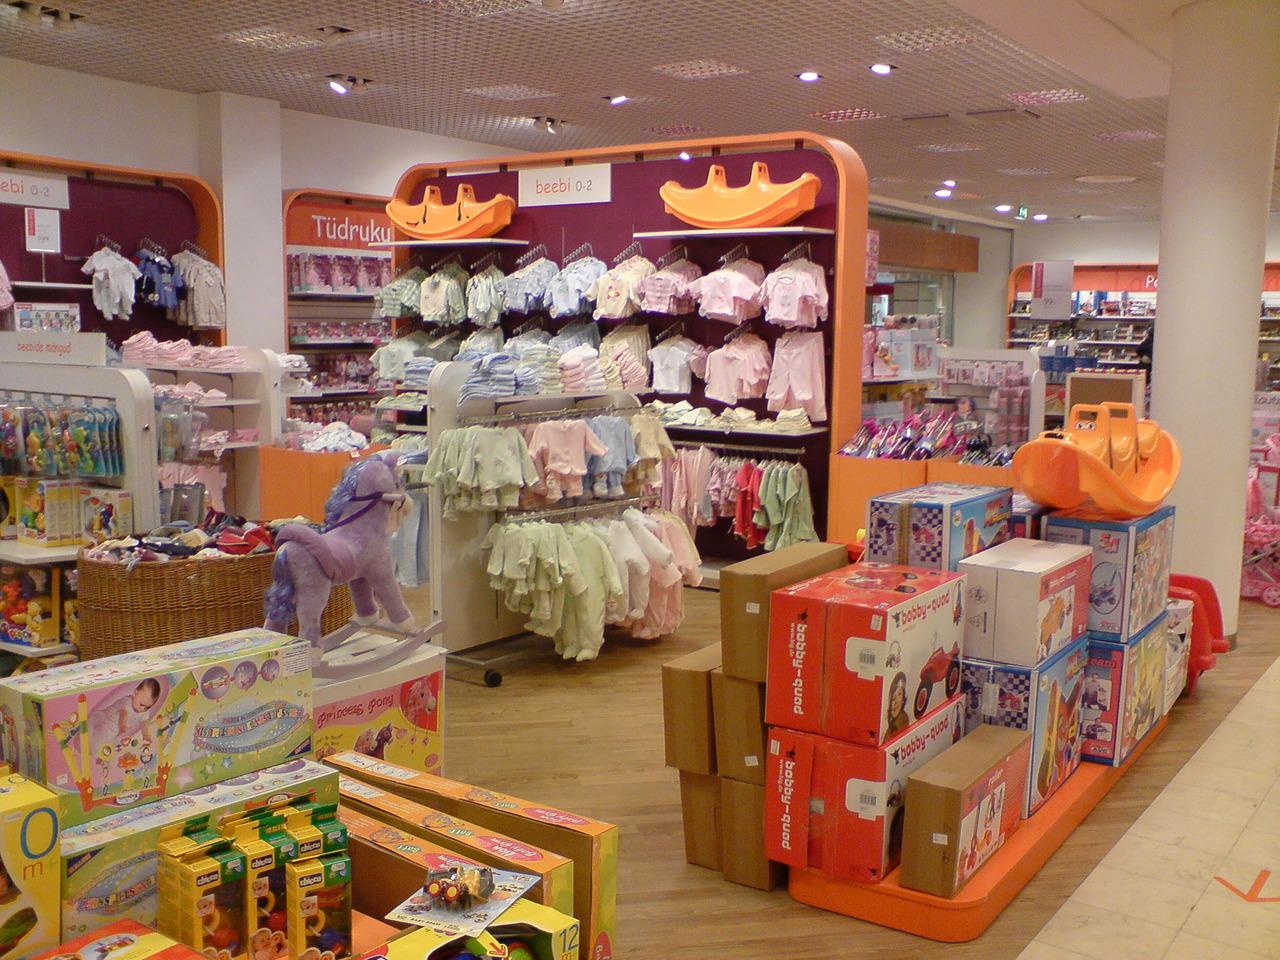 cad20efff435a5 Бизнес план по открытию магазина детских товаров, одежды и обуви